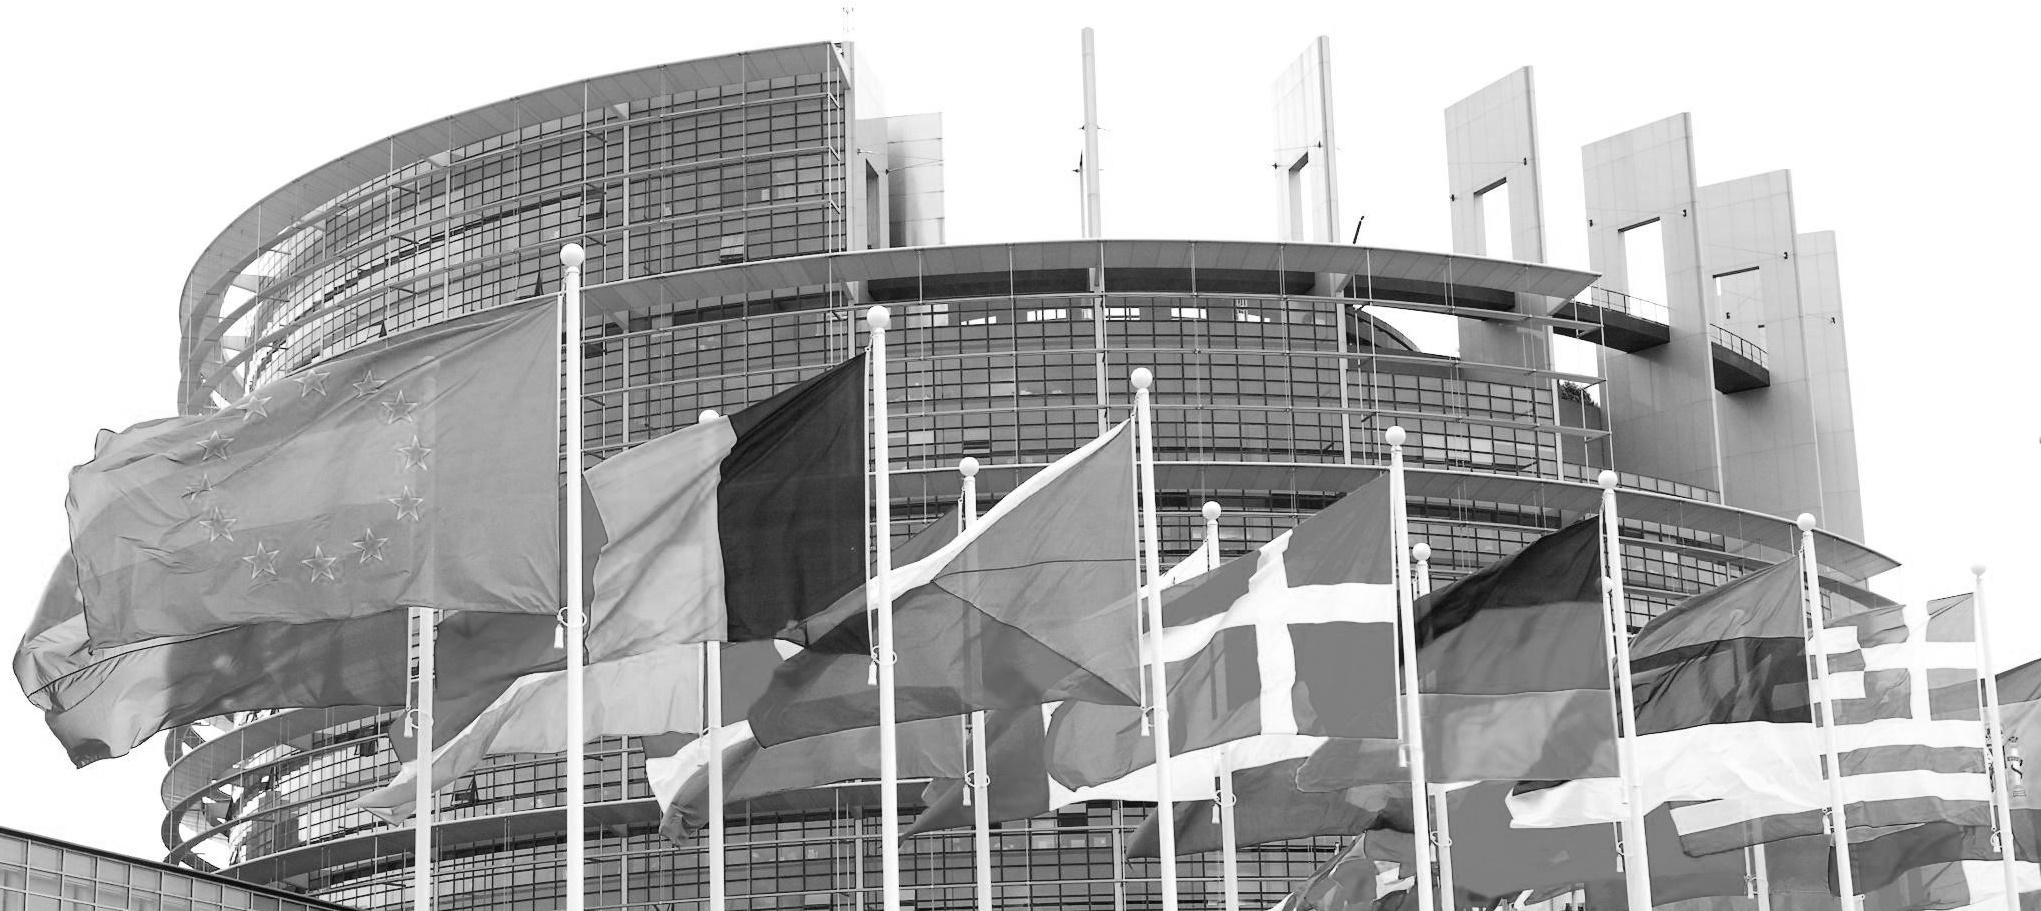 Parlamento europeo: approvata proposta di direttiva sul diritto d'autore nel mercato unico digitale